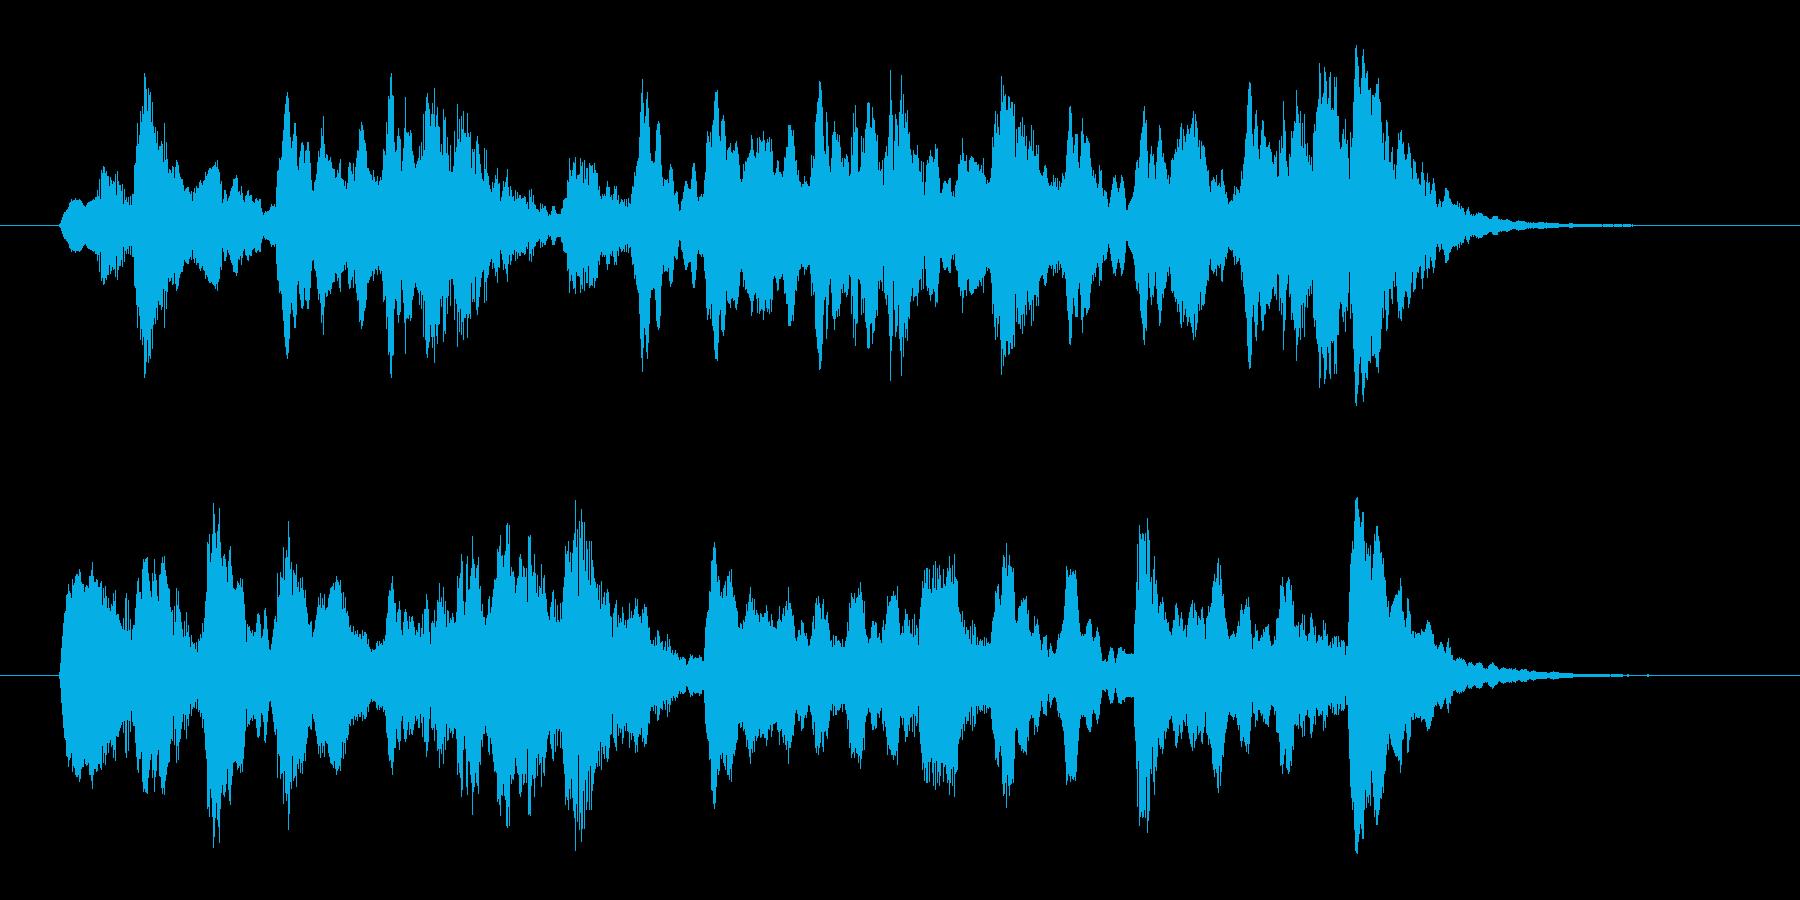 コーラス・サンプリングのメロディーの再生済みの波形